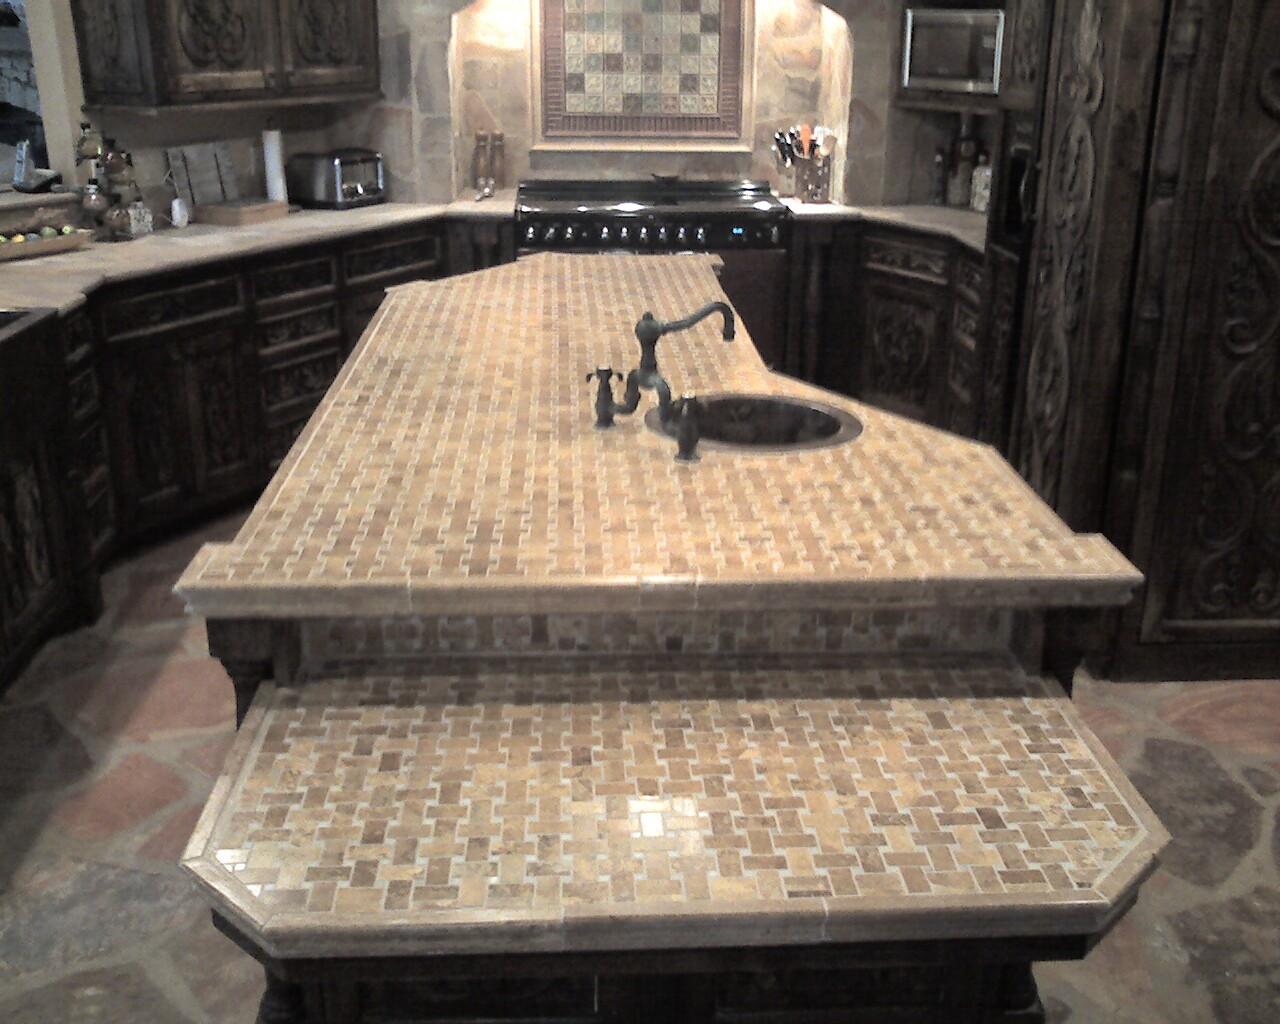 Remarkable Basketweave Tile Backsplash Kitchen 1280 x 1024 · 300 kB · jpeg